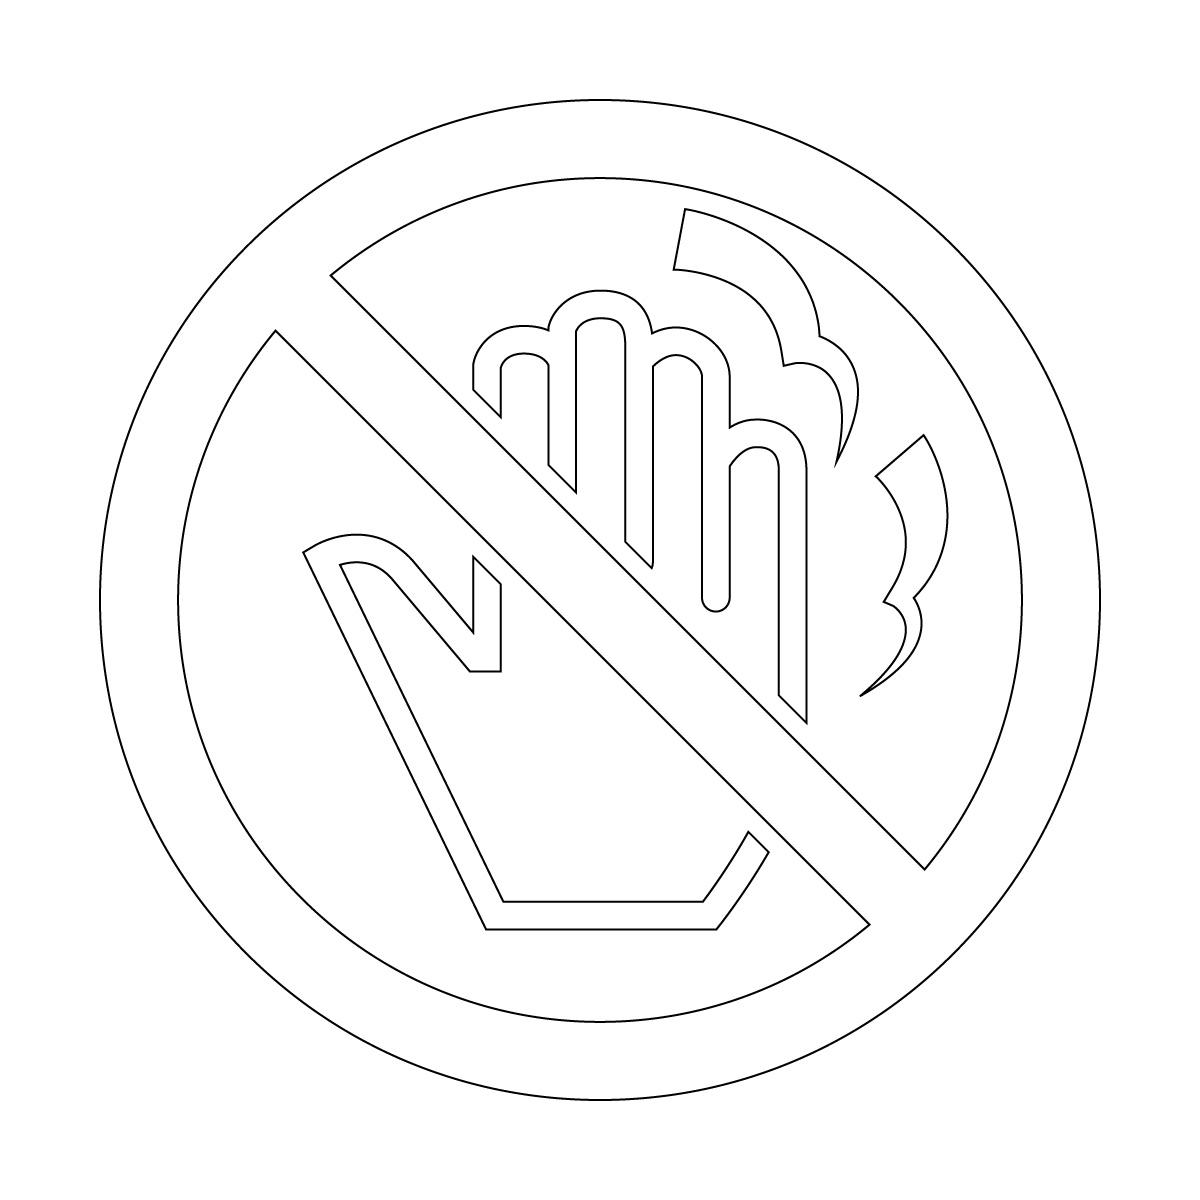 白色の高温・火傷・さわるな禁止マークのカッティングステッカー・シール